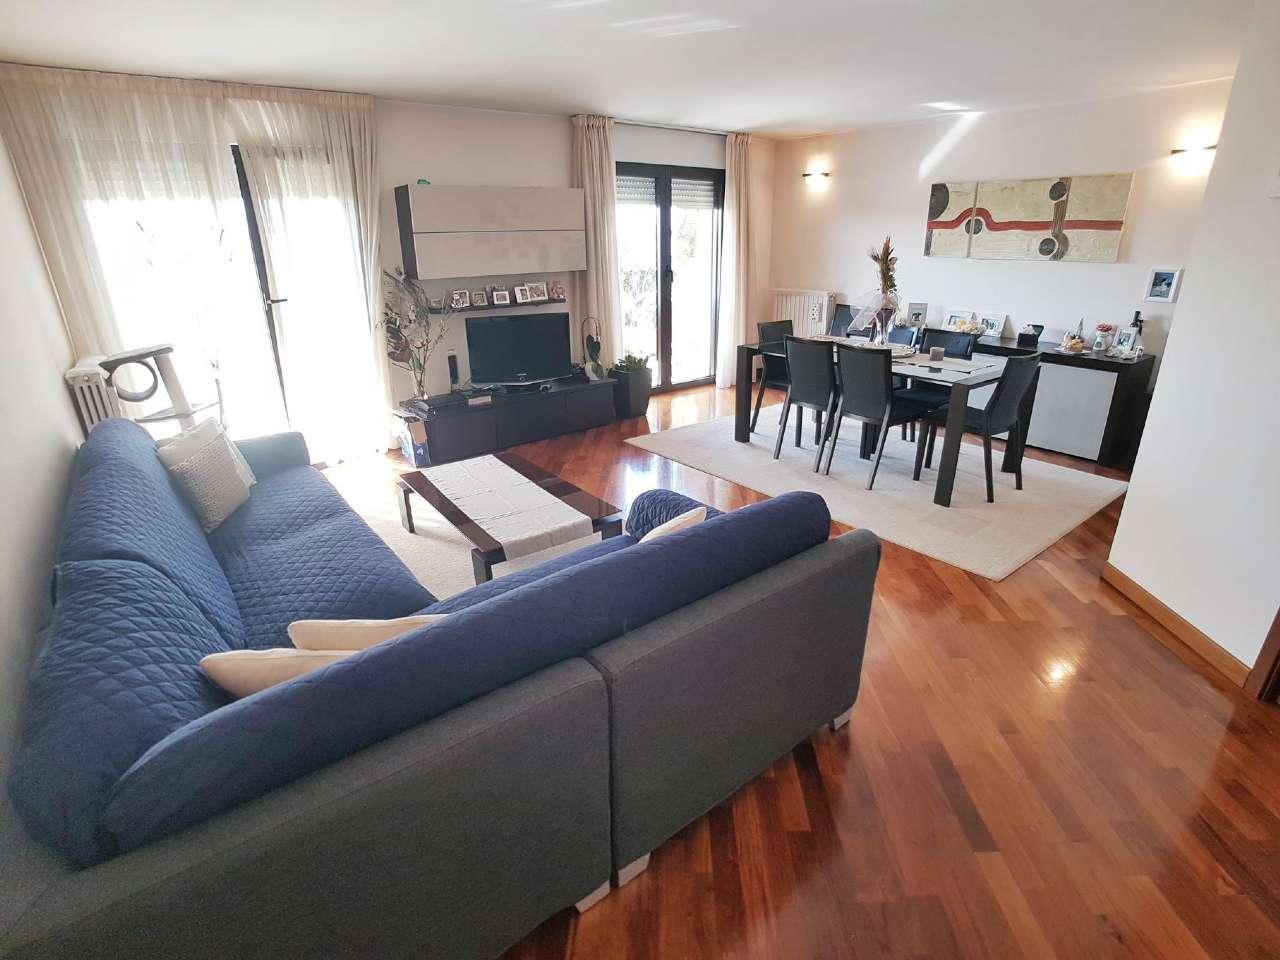 Appartamento in vendita a Saronno, 4 locali, prezzo € 425.000 | CambioCasa.it